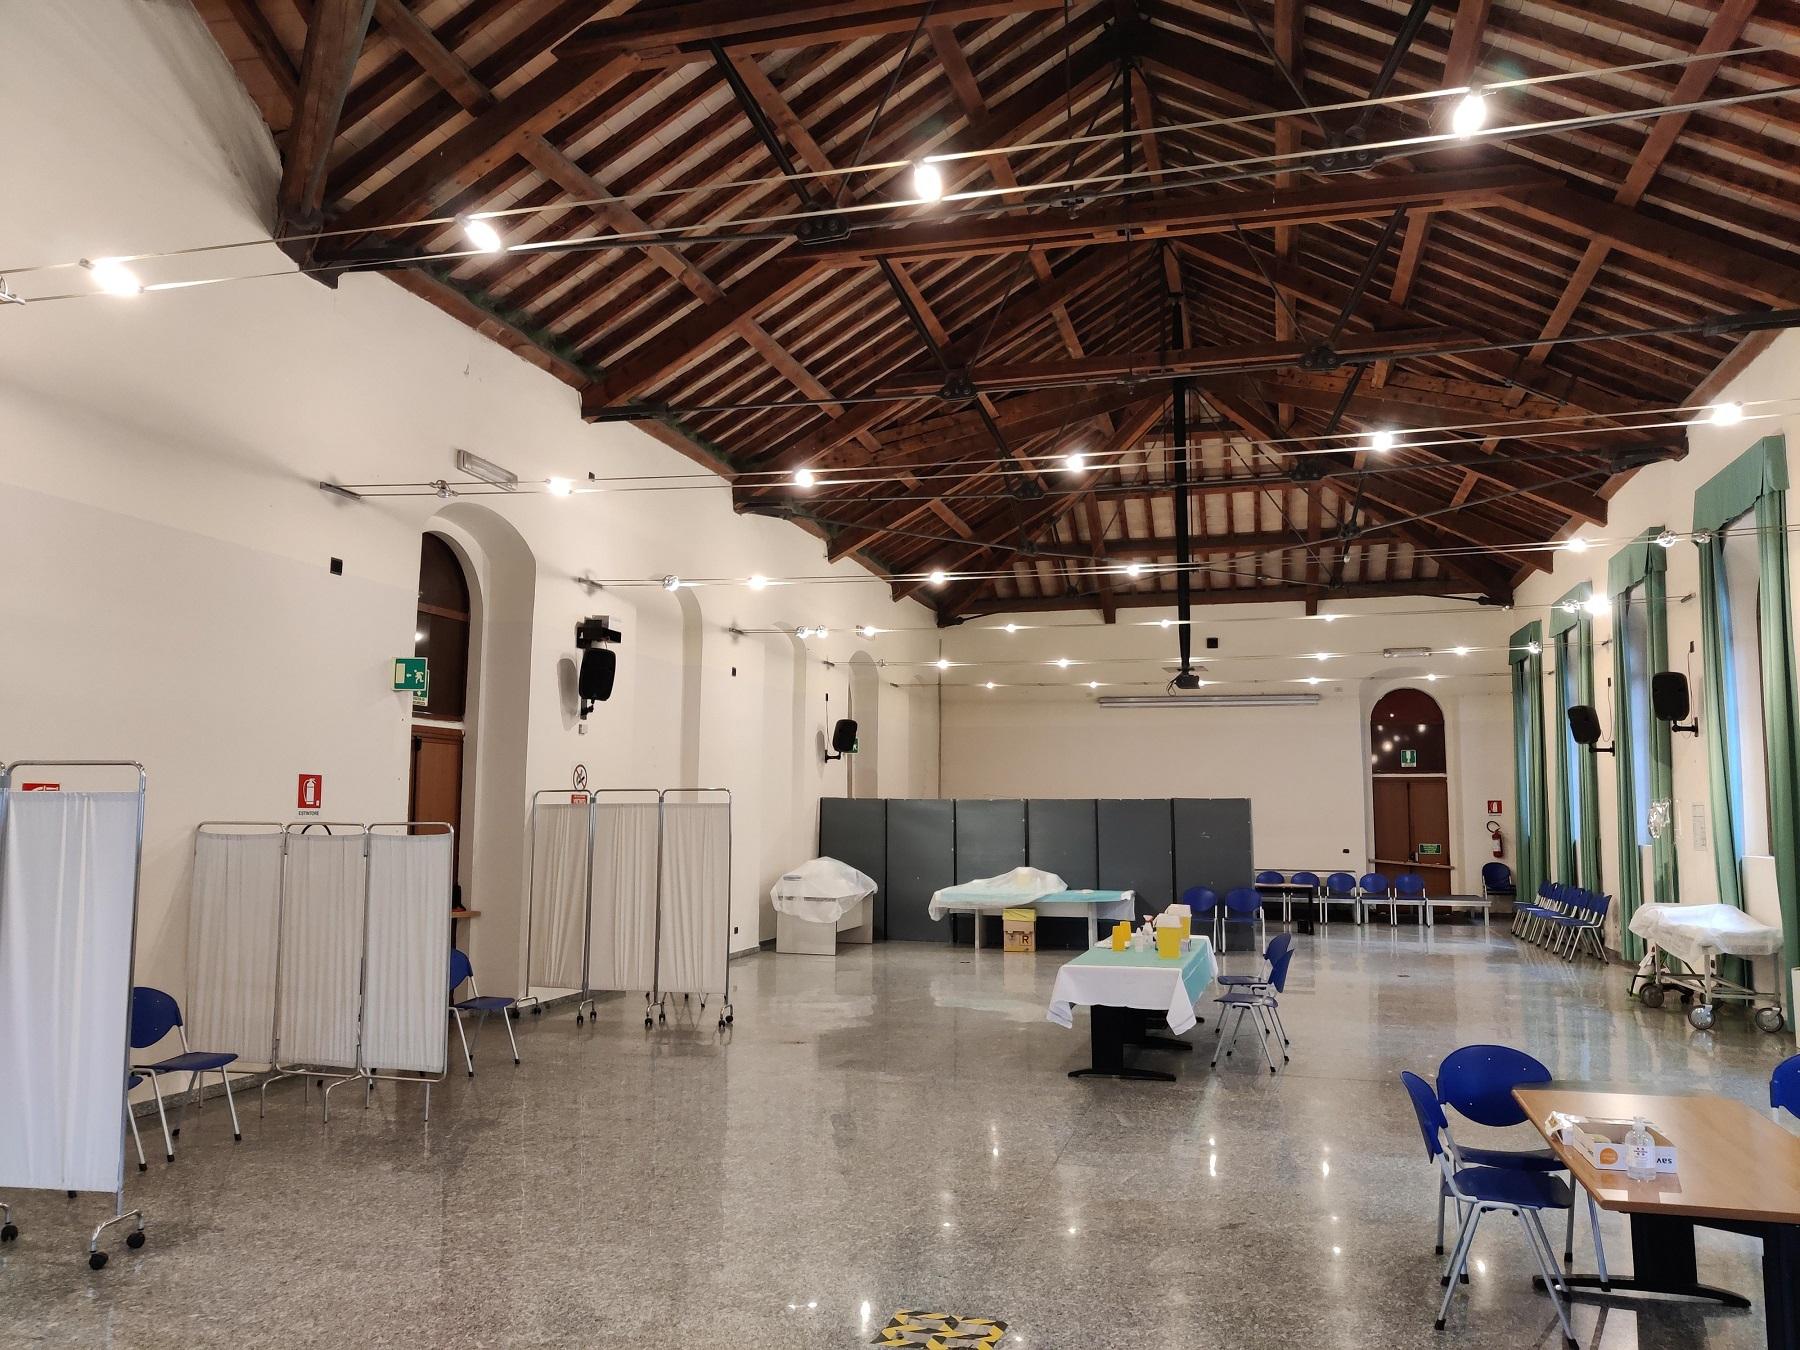 Centro vaccinale di Tortona: la disorganizzazione e la carenza di personale la fanno da padrone